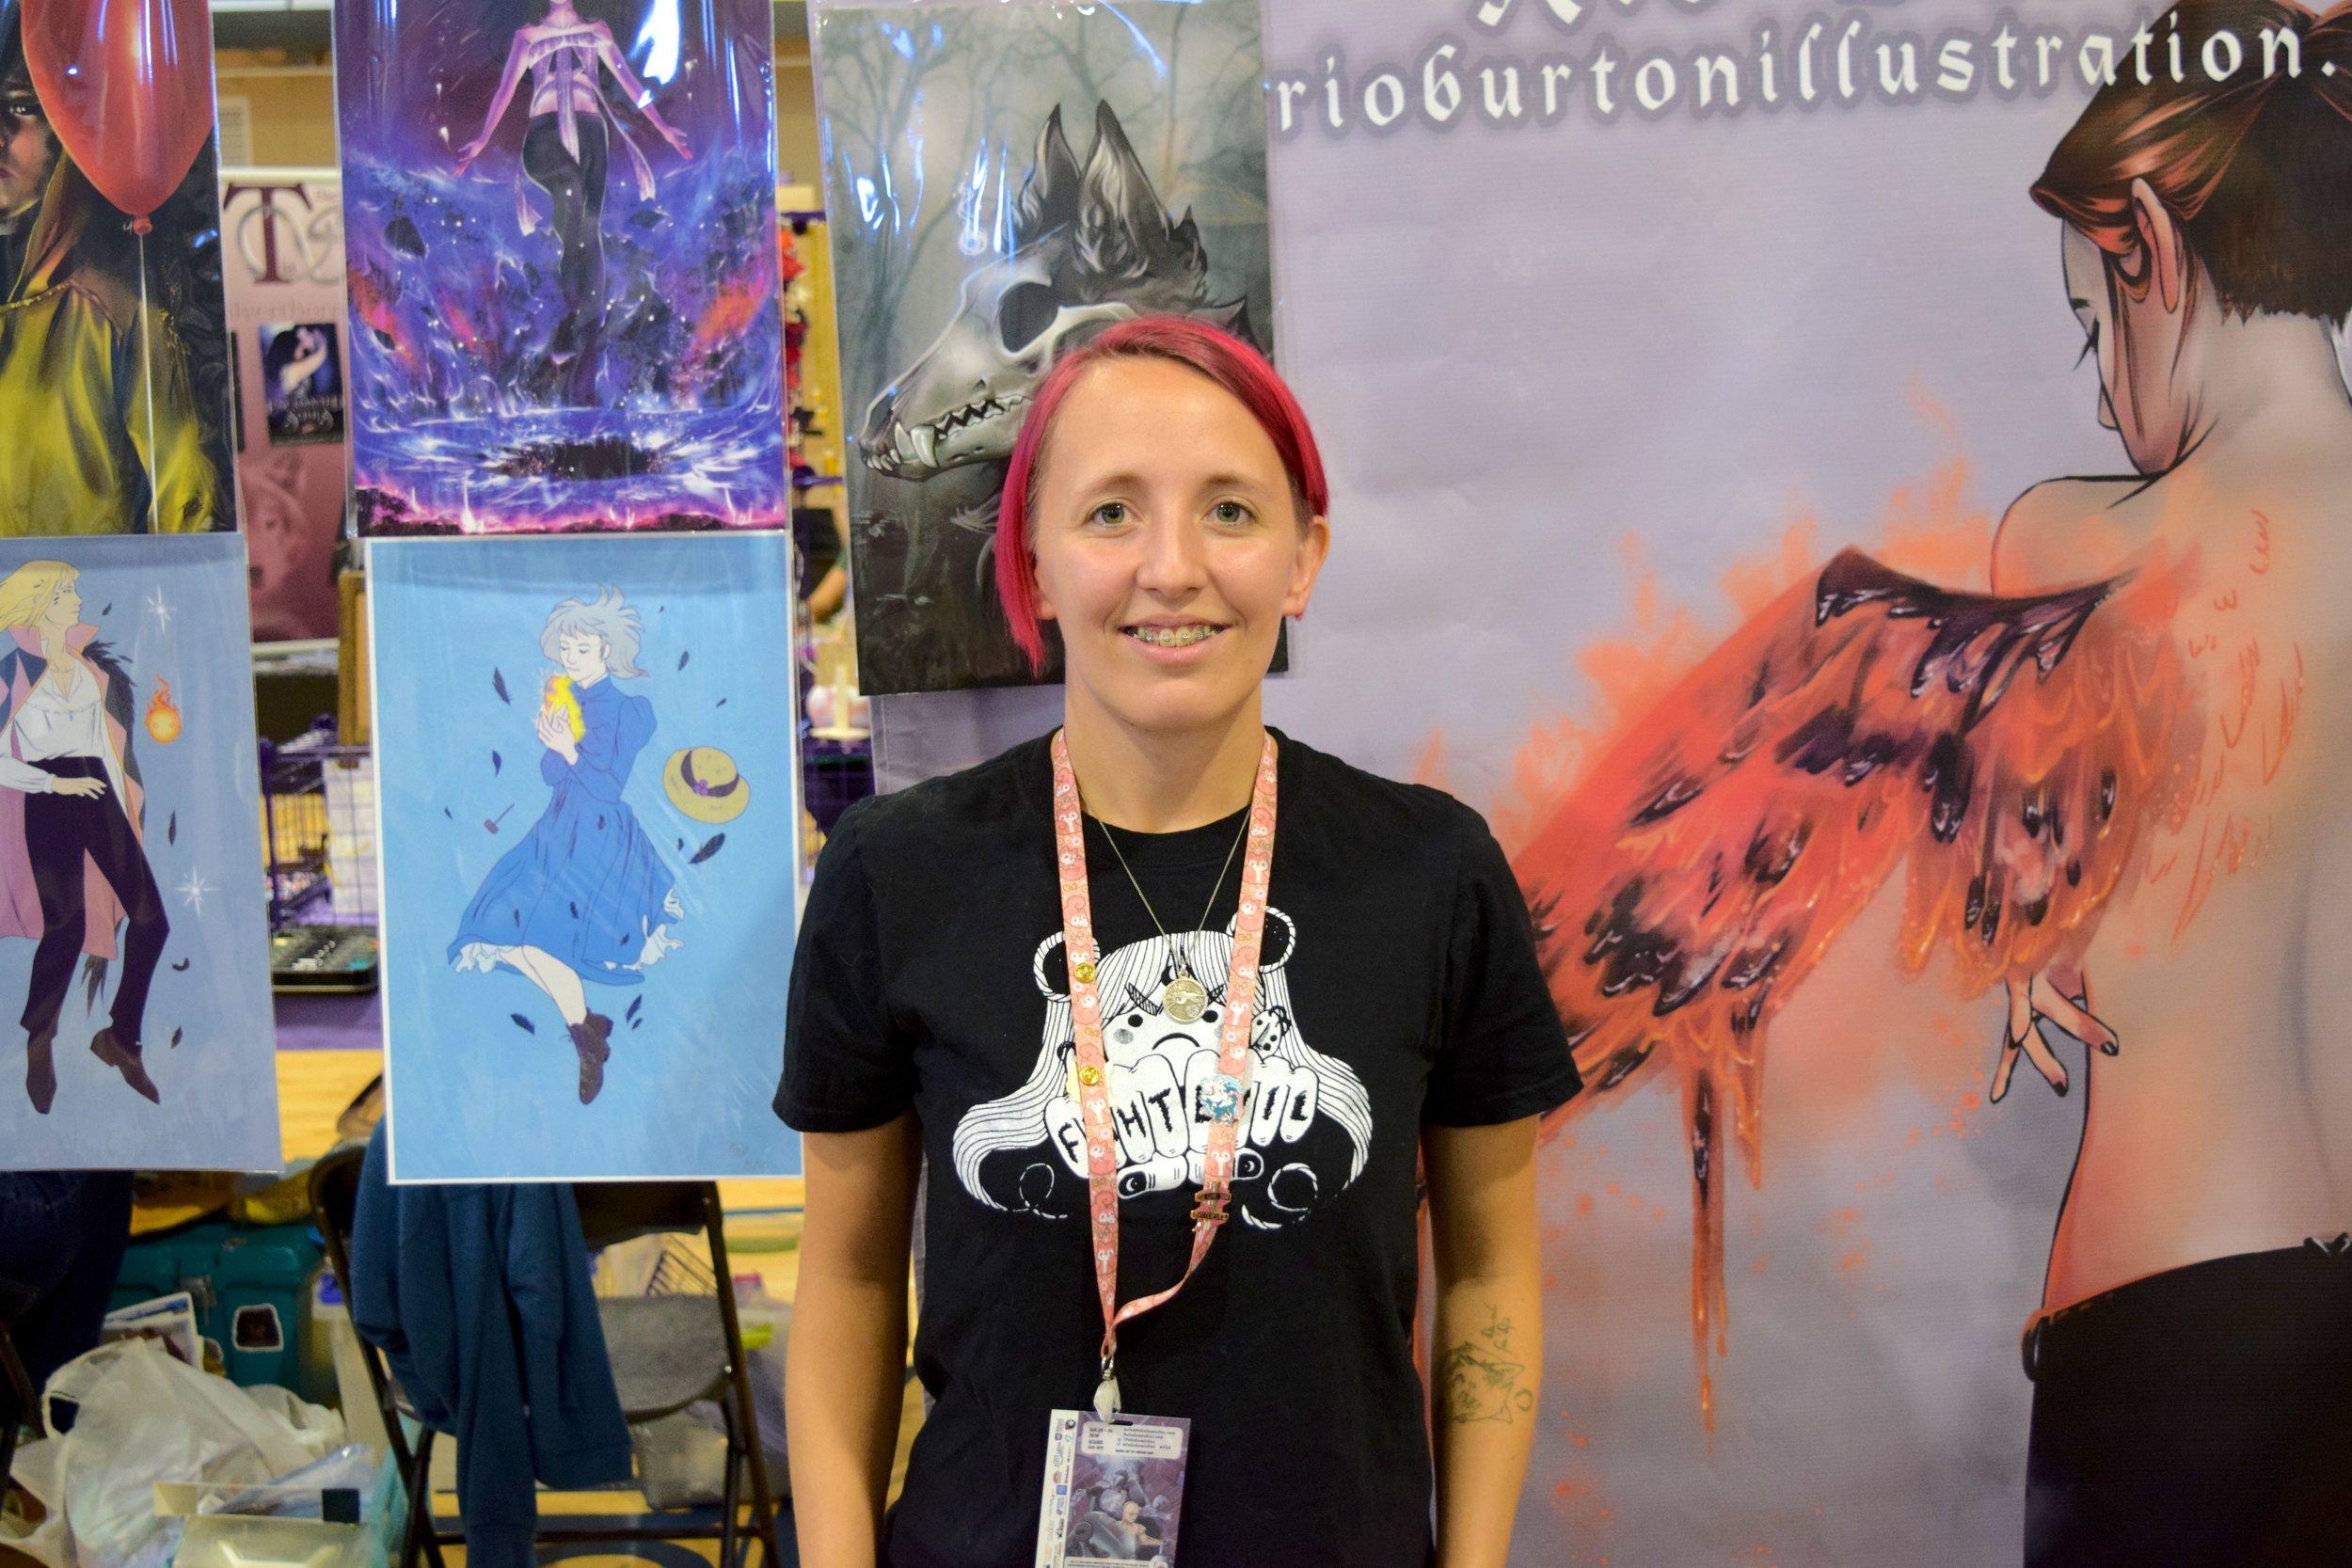 Rio Burton at Fort Collins Comic Con 2018. (1)